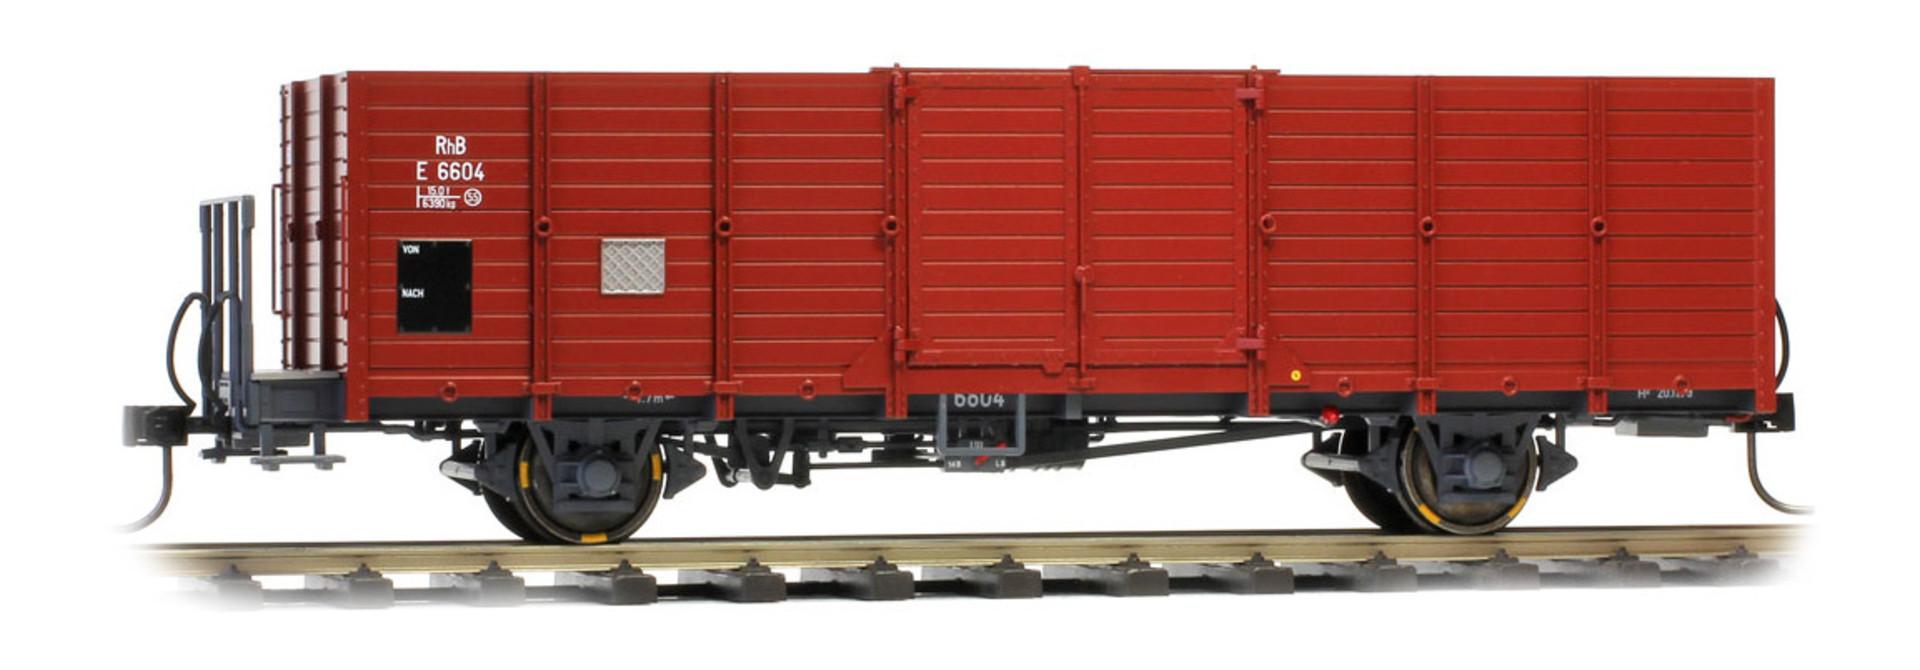 9451107 RhB E 6607 Holzwand-Hochbordwagen